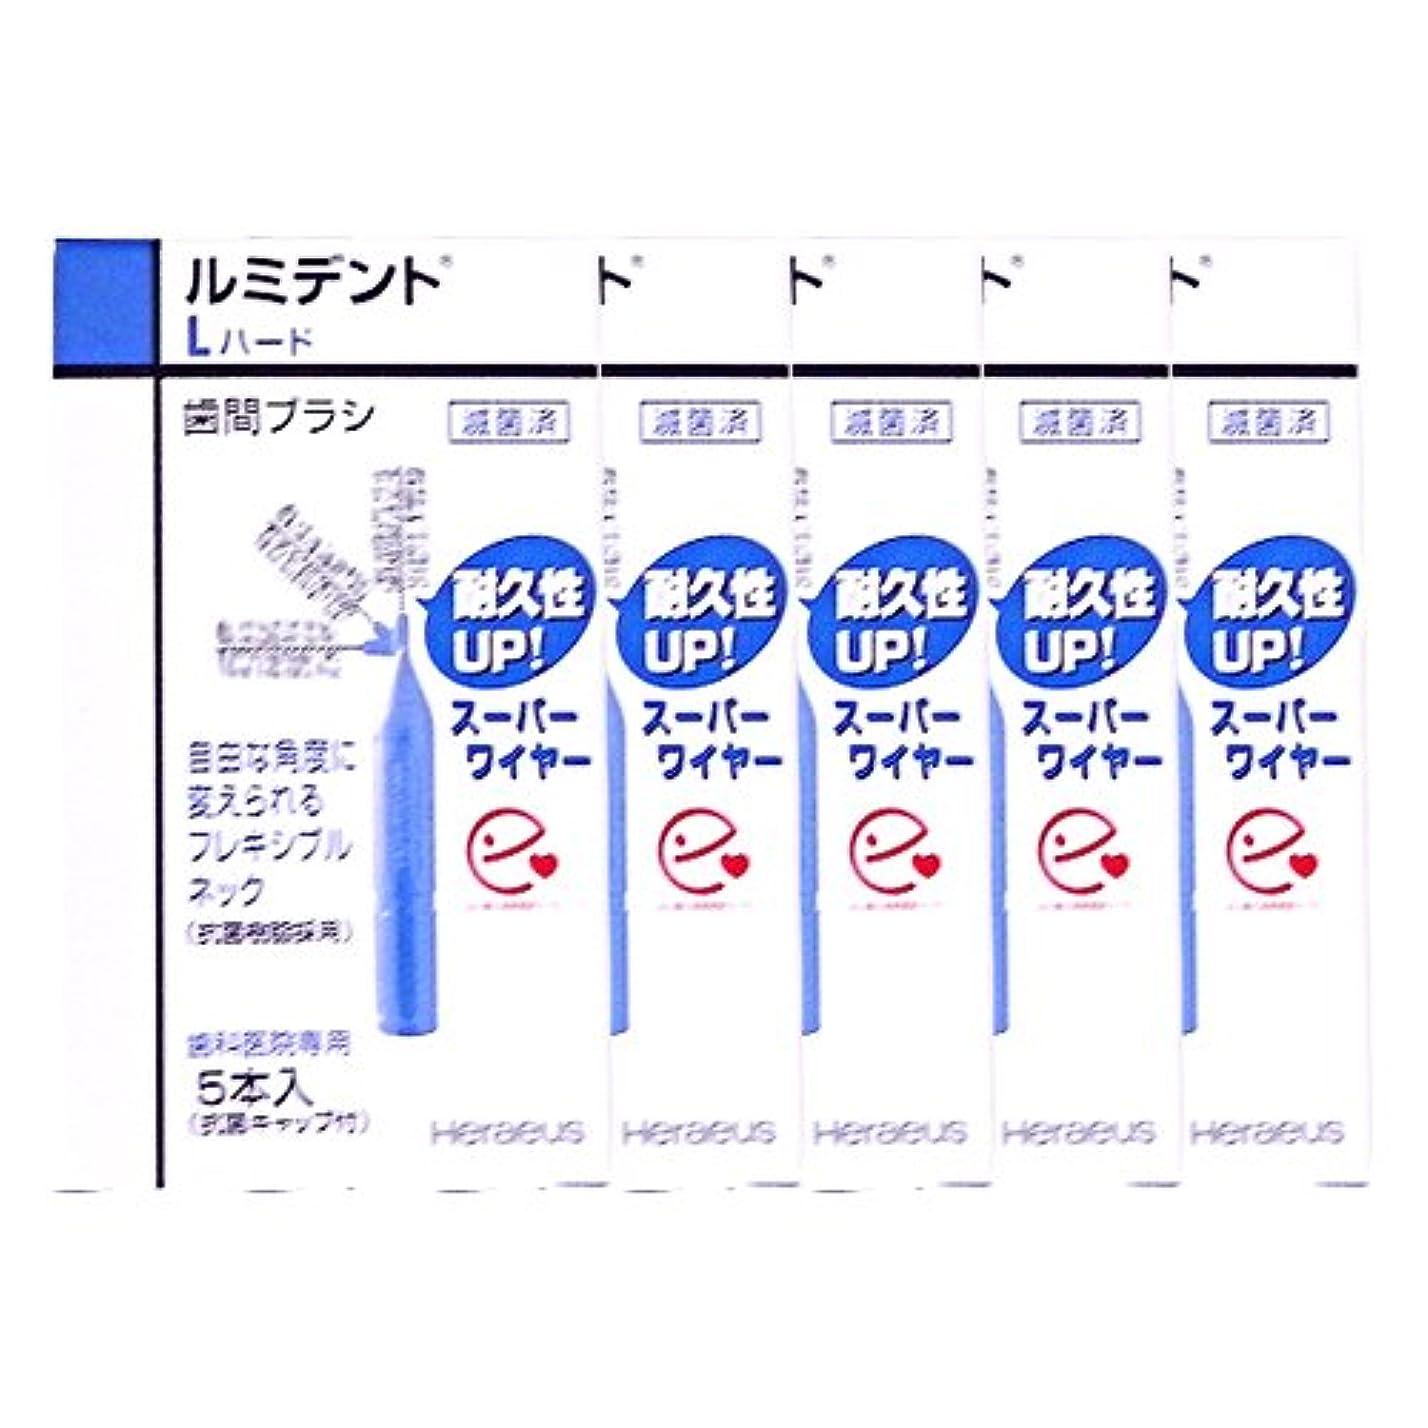 ソース誓い租界ヘレウス ルミデント 歯間ブラシ 5本入 × 5個 (Lハード(コバルトブルー))